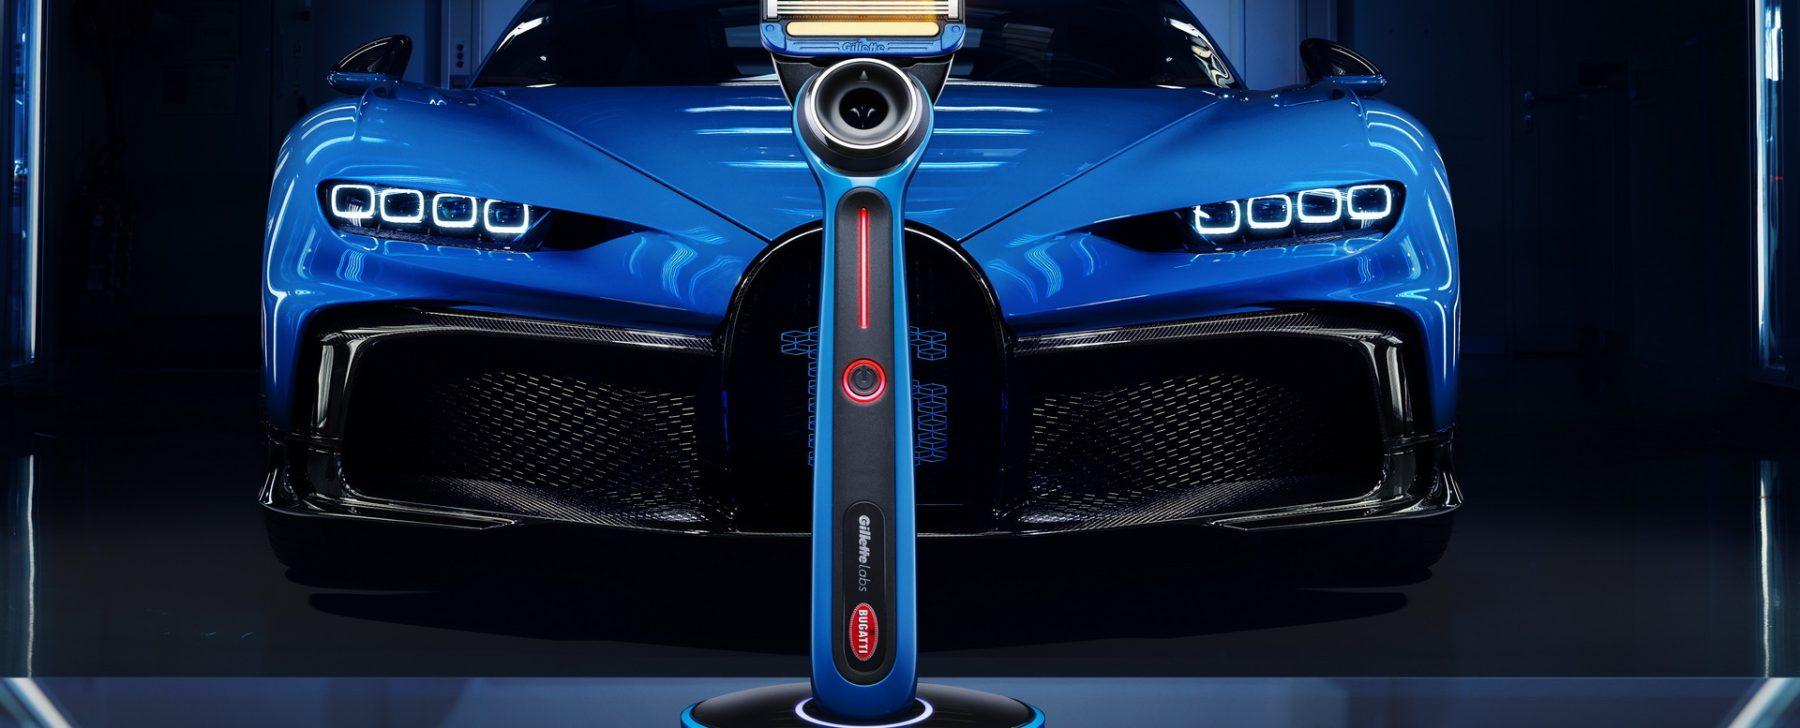 Gillette Heated Razor Bugatti